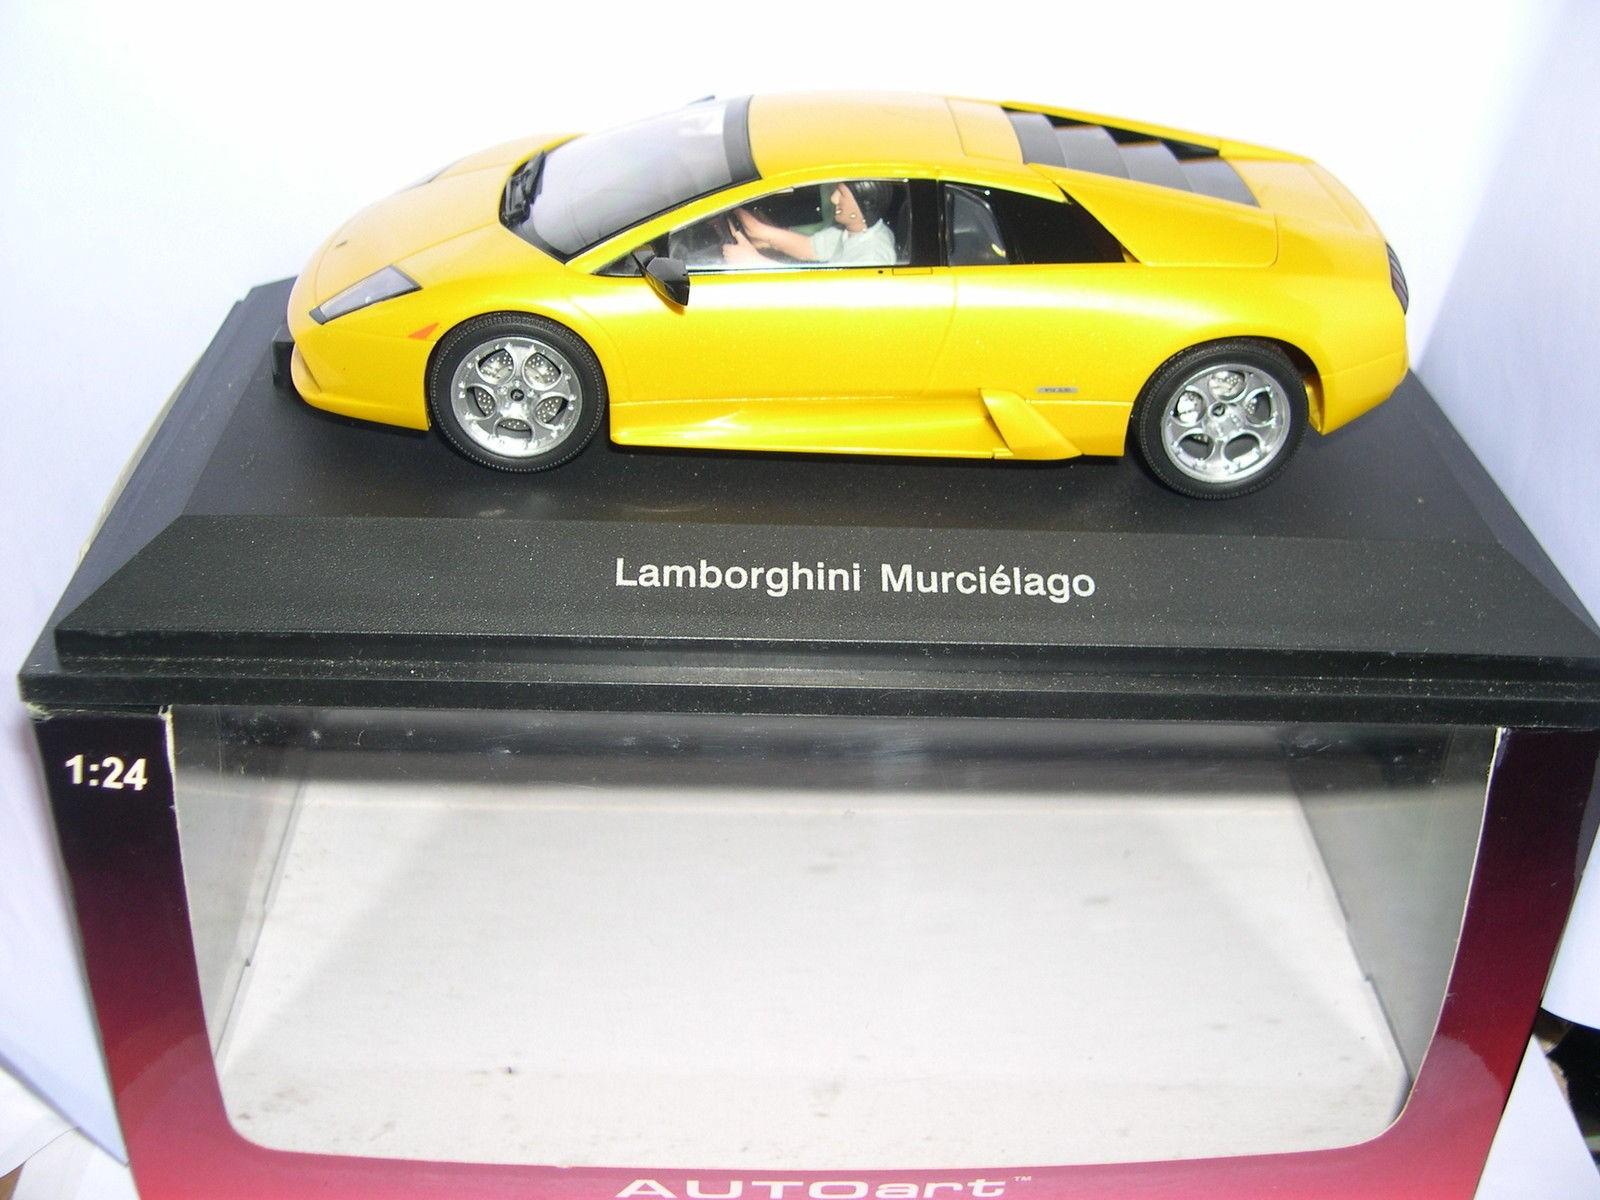 Lamborghini Murcielago Naranja 1 24 U32 Hobbies Com